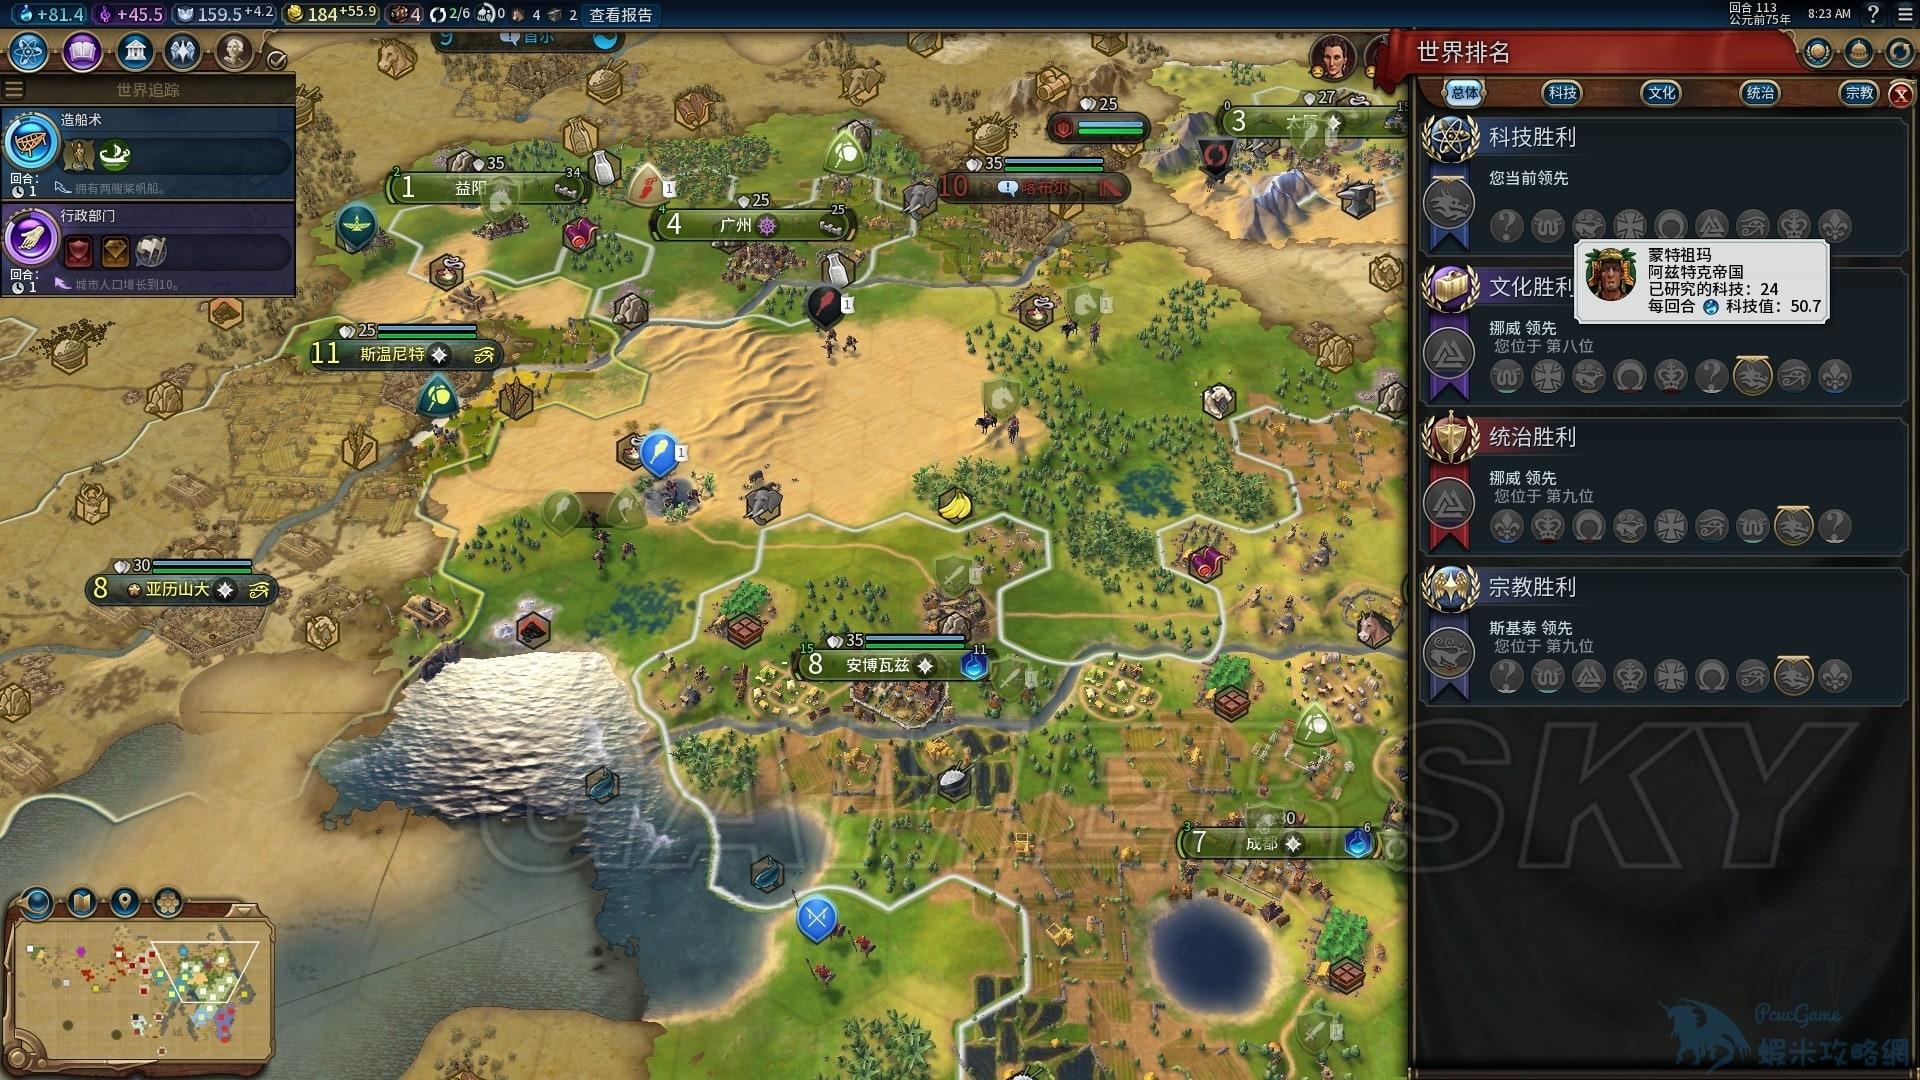 文明帝國 6 外交技巧及亞洲區玩法心得